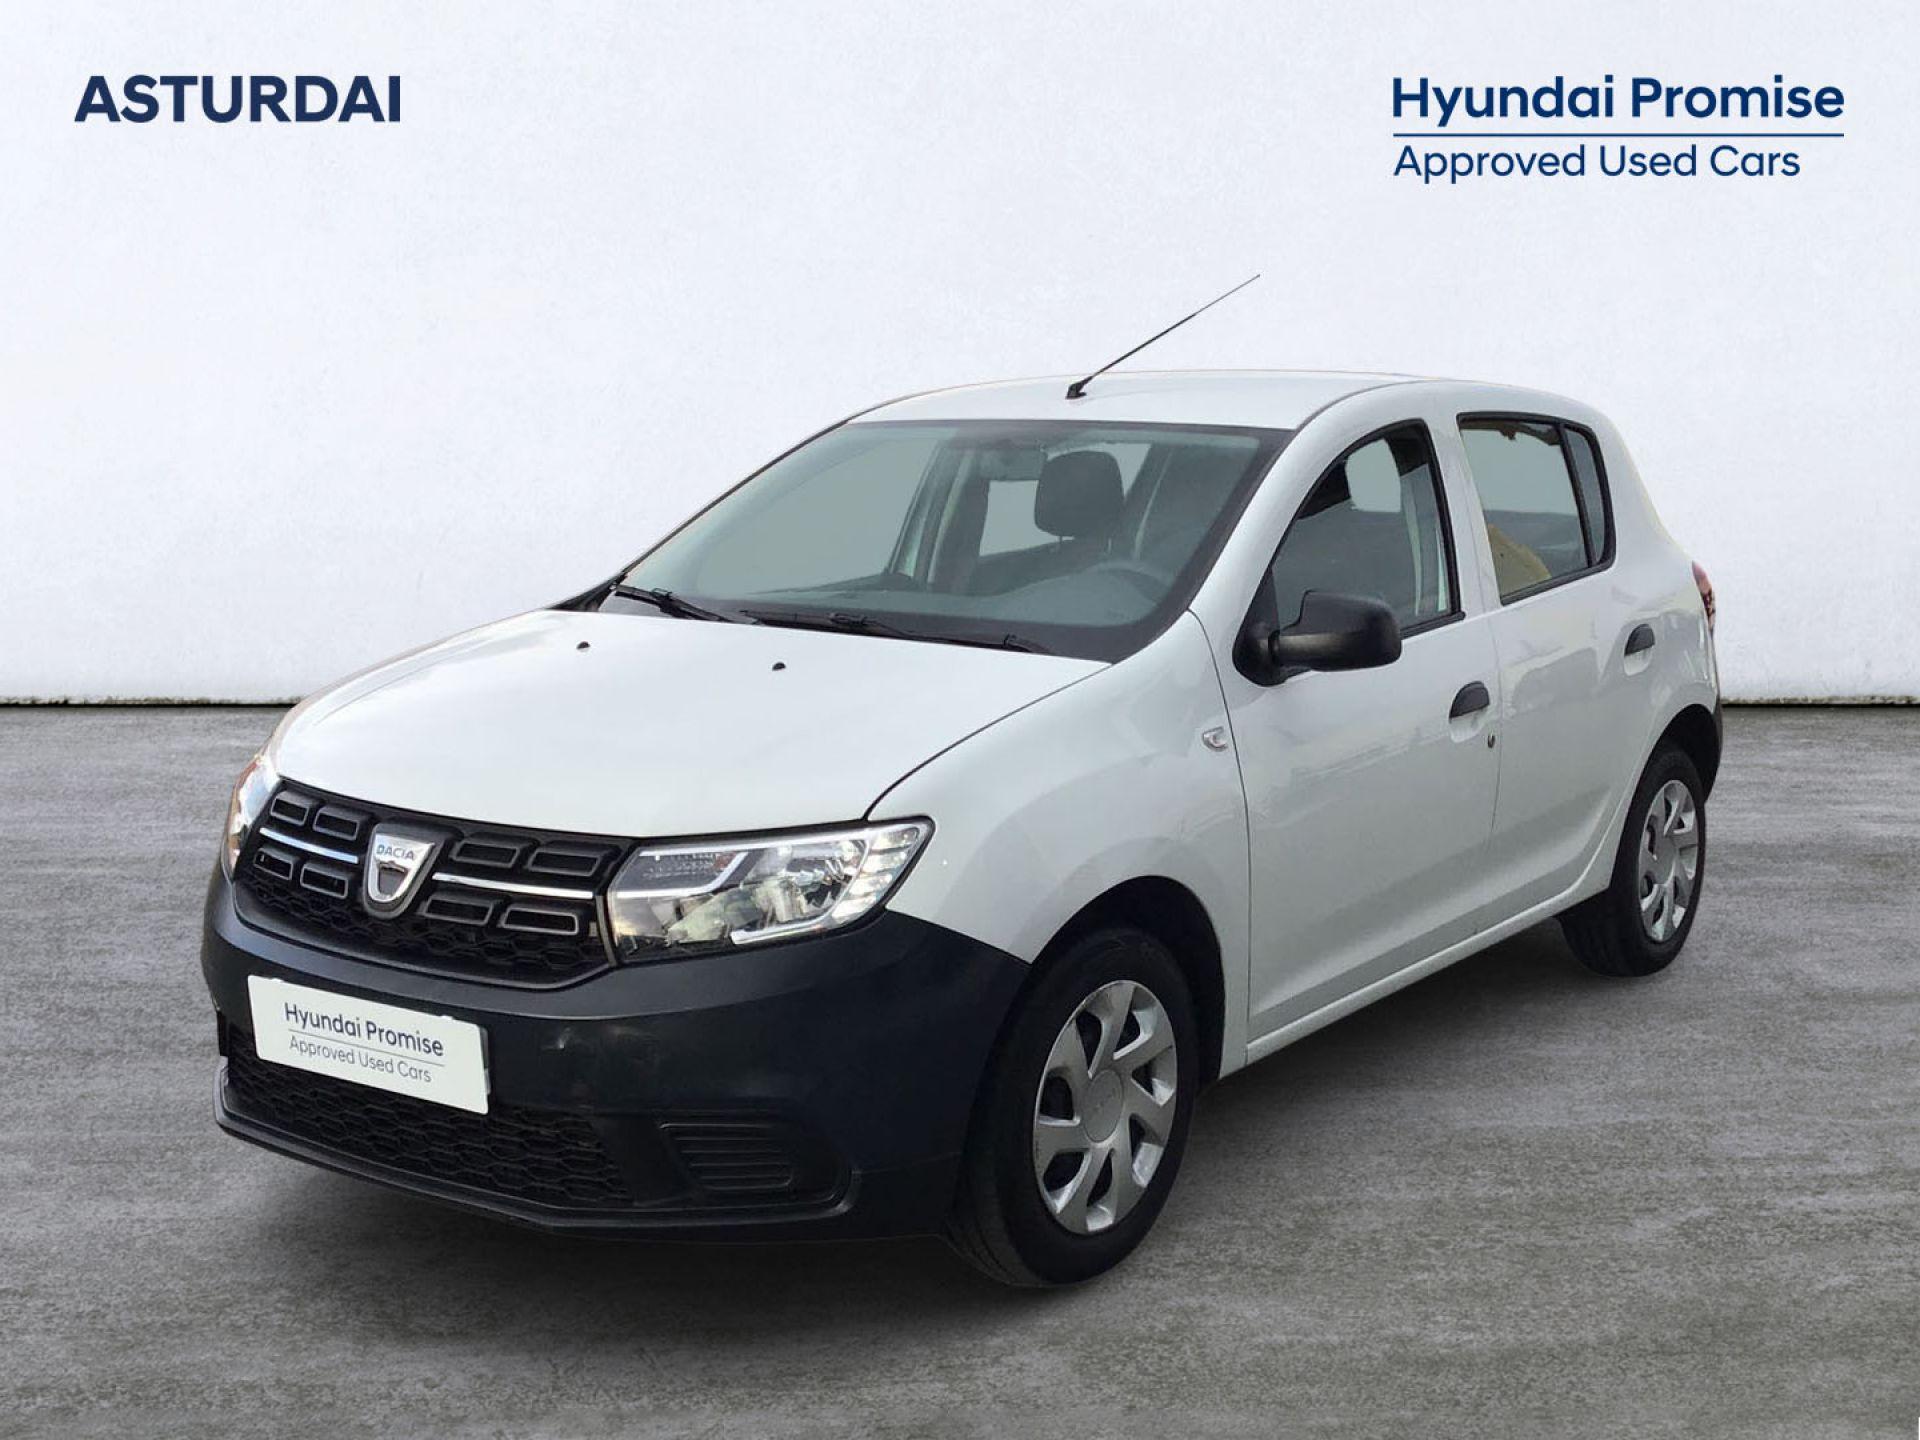 Dacia Sandero Essential 1.0 55kW (75CV)